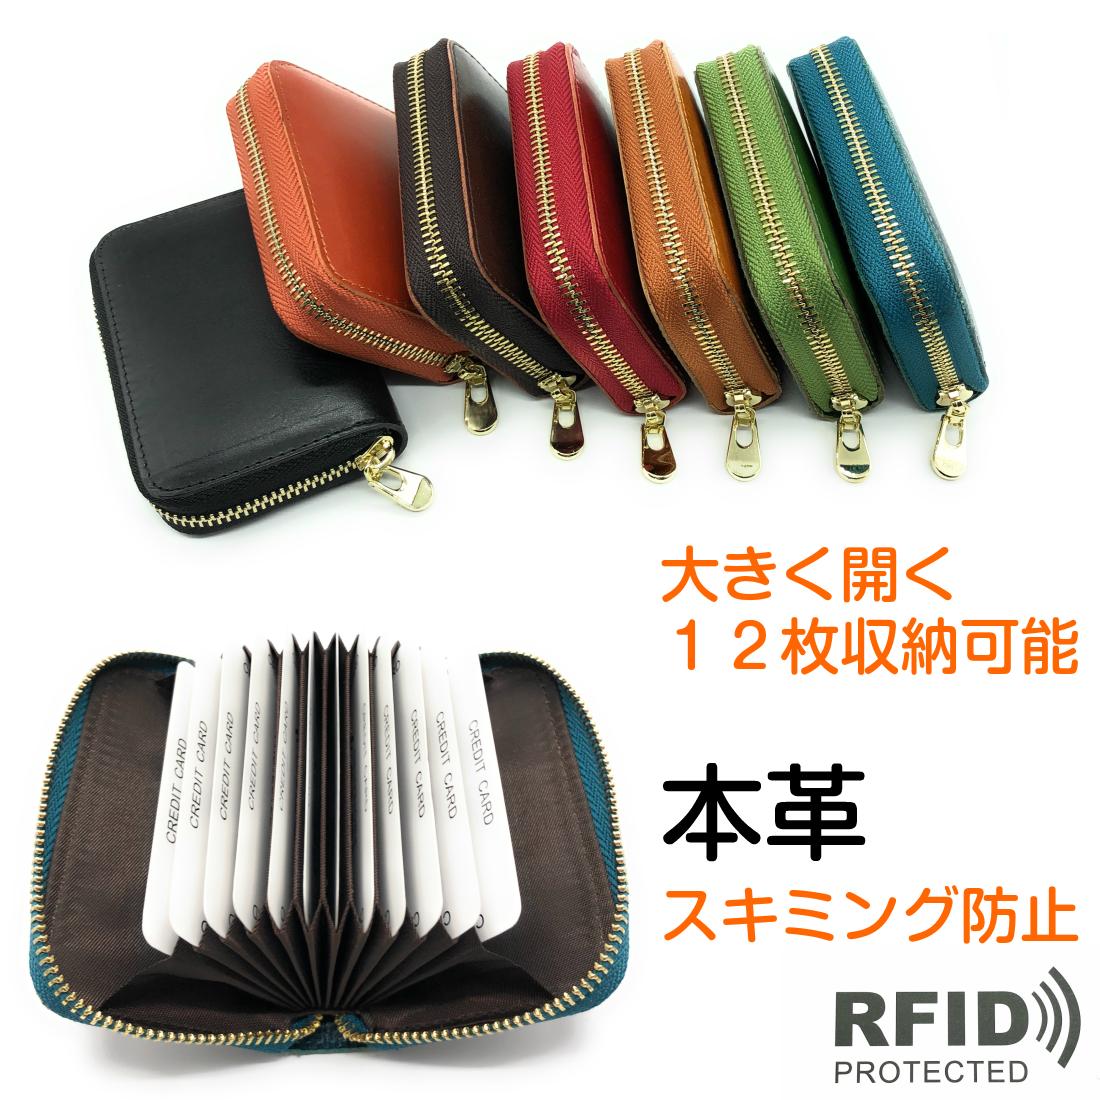 本格的な牛本革を使用しました 本革 カードケース レザー RFID スキミング防止 メンズ レディース 磁気 並行輸入品 防止 ホルダー ポイントカード ラウンドファスナー セール価格 カード 牛革 ブルー レッド 財布 おしゃれ 革 グリーン ブラウン ブラック クレジットカード じゃばら 送料無料 かわいい キャッシュレス キャメル